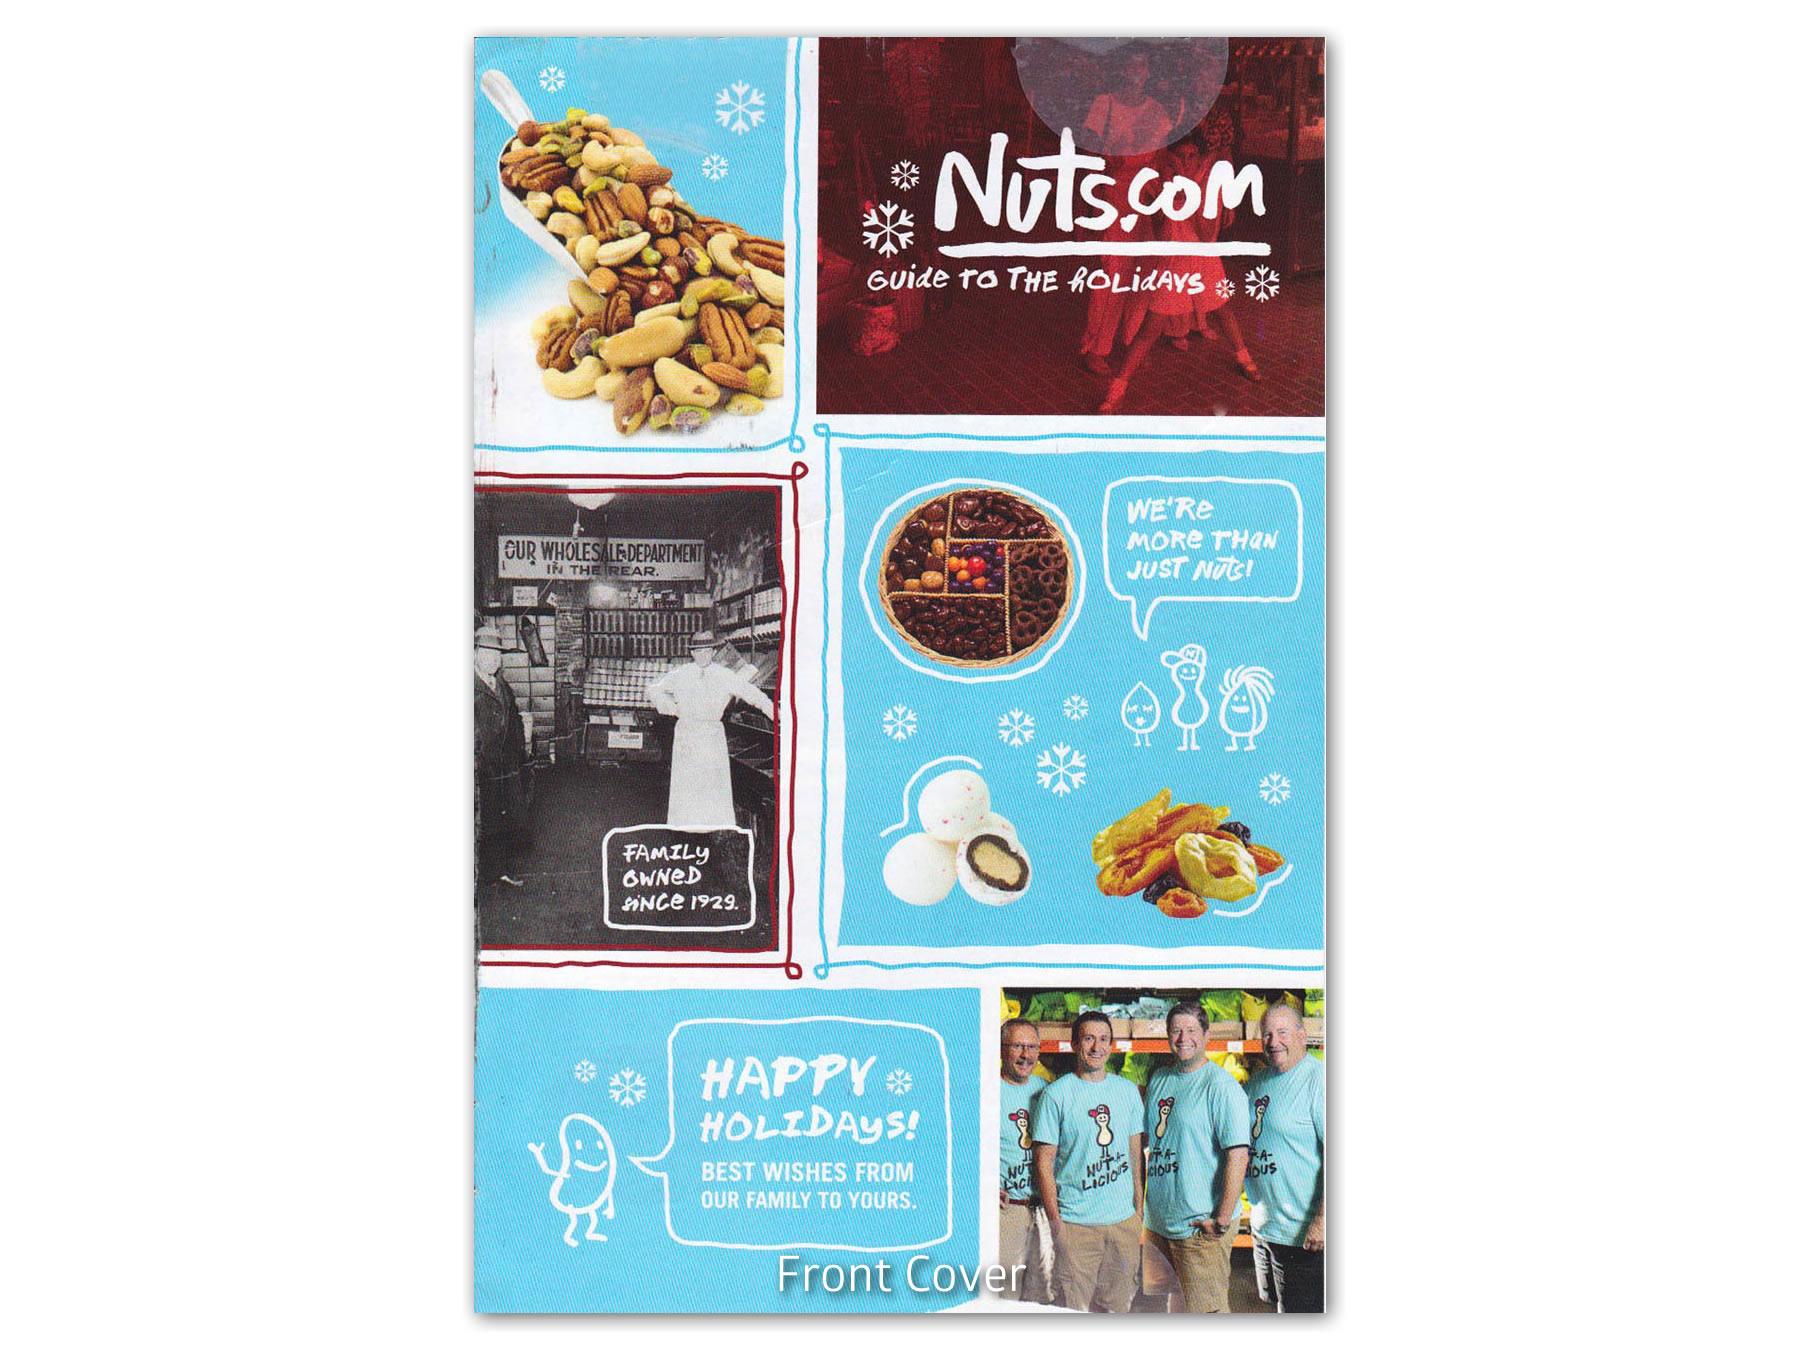 141124-Nuts.com-Pg-01.jpg